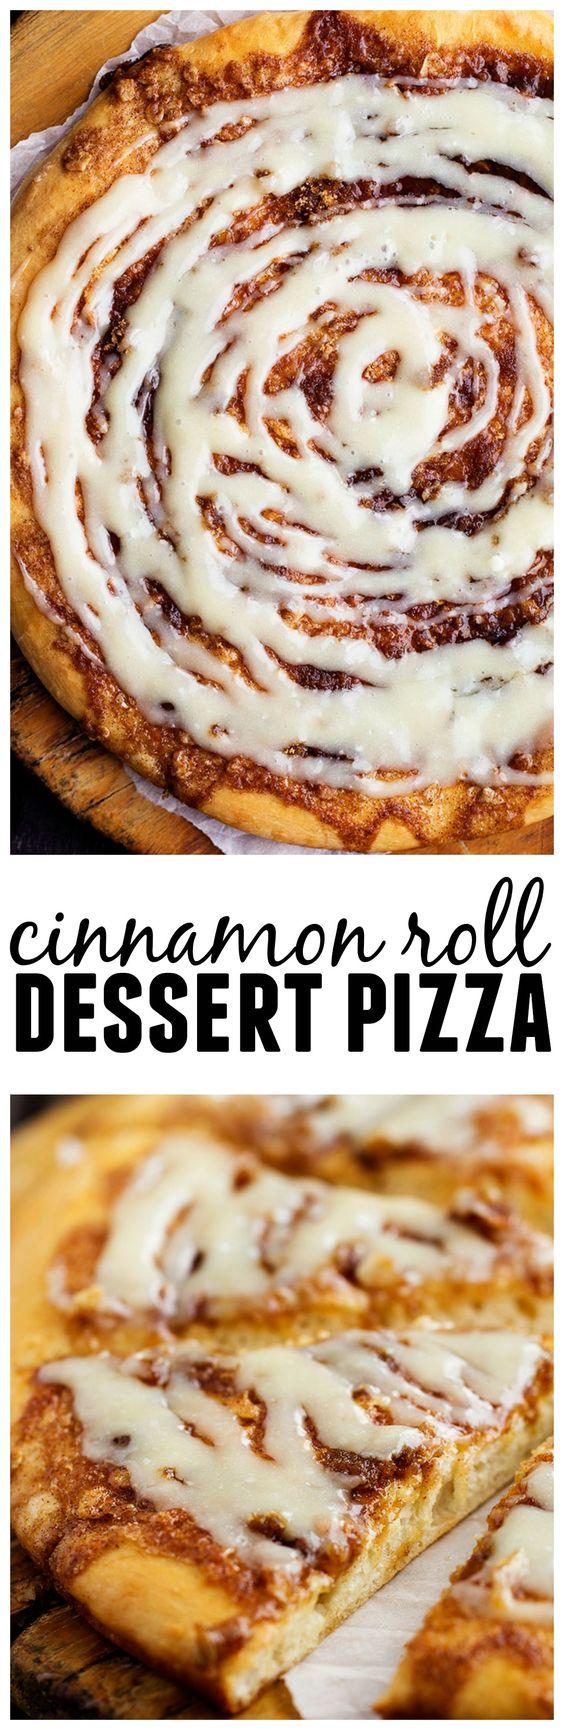 Cinnamon Roll Dessert Pizza Recipe Pizza, Glaze and Cream